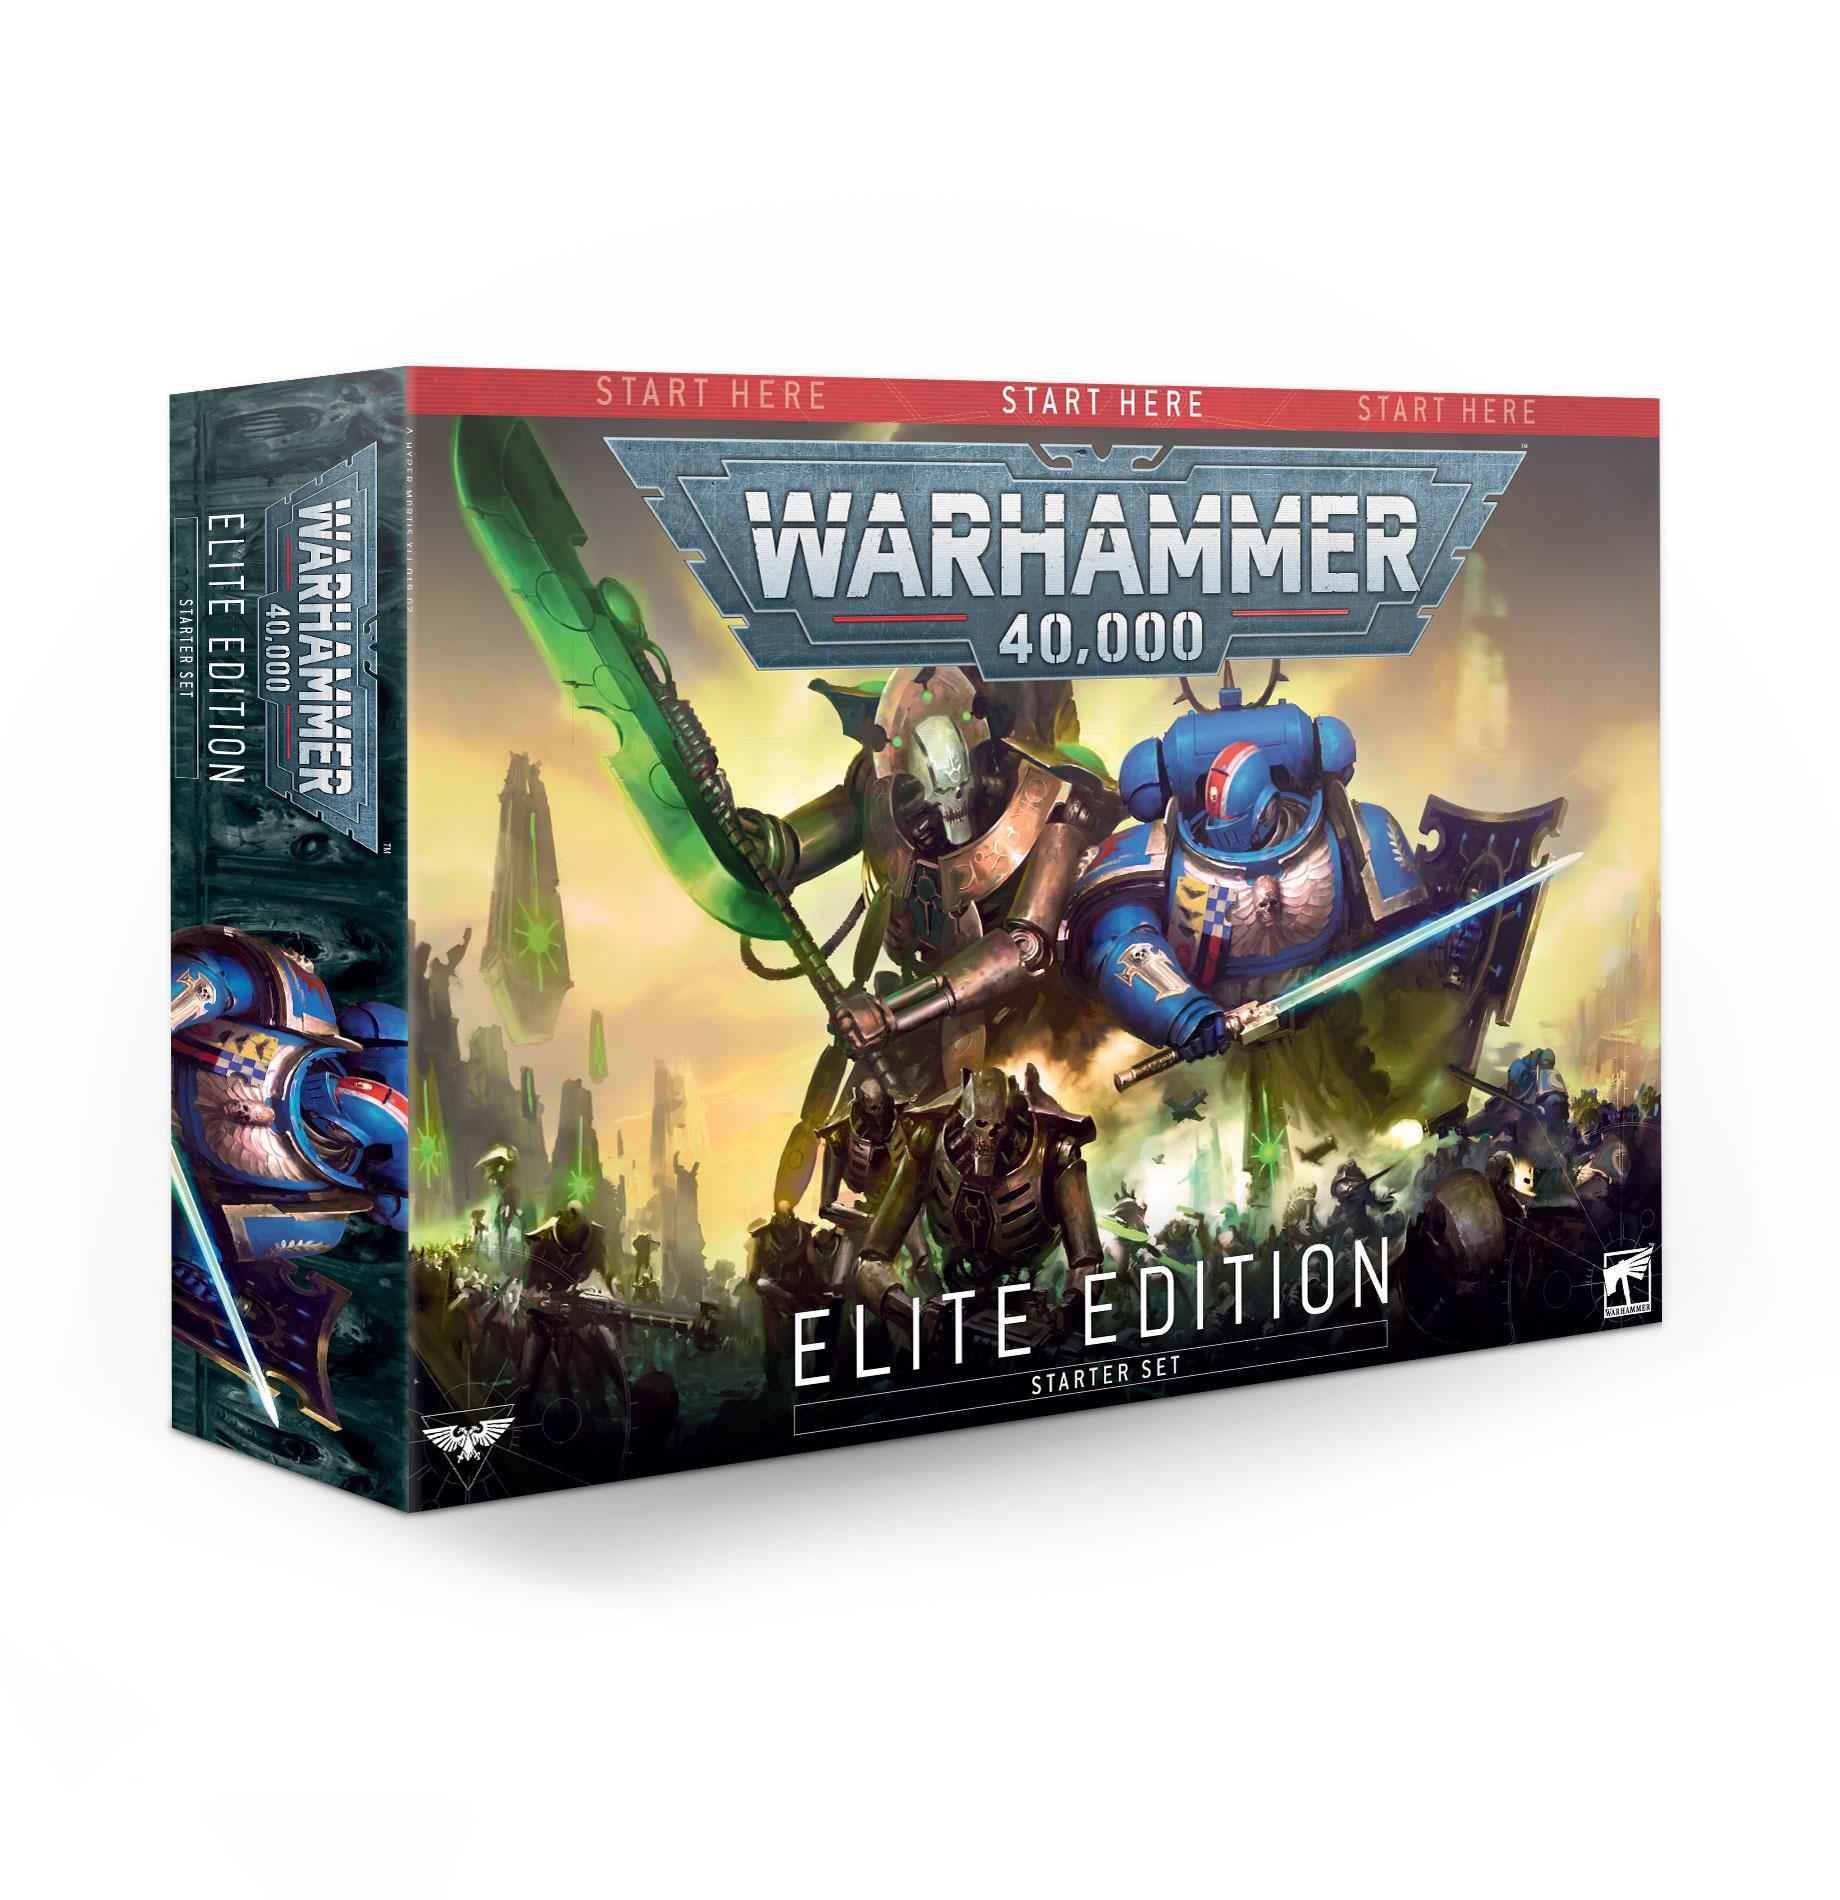 Games-Workshop Warhammer 40000 Elite Edition